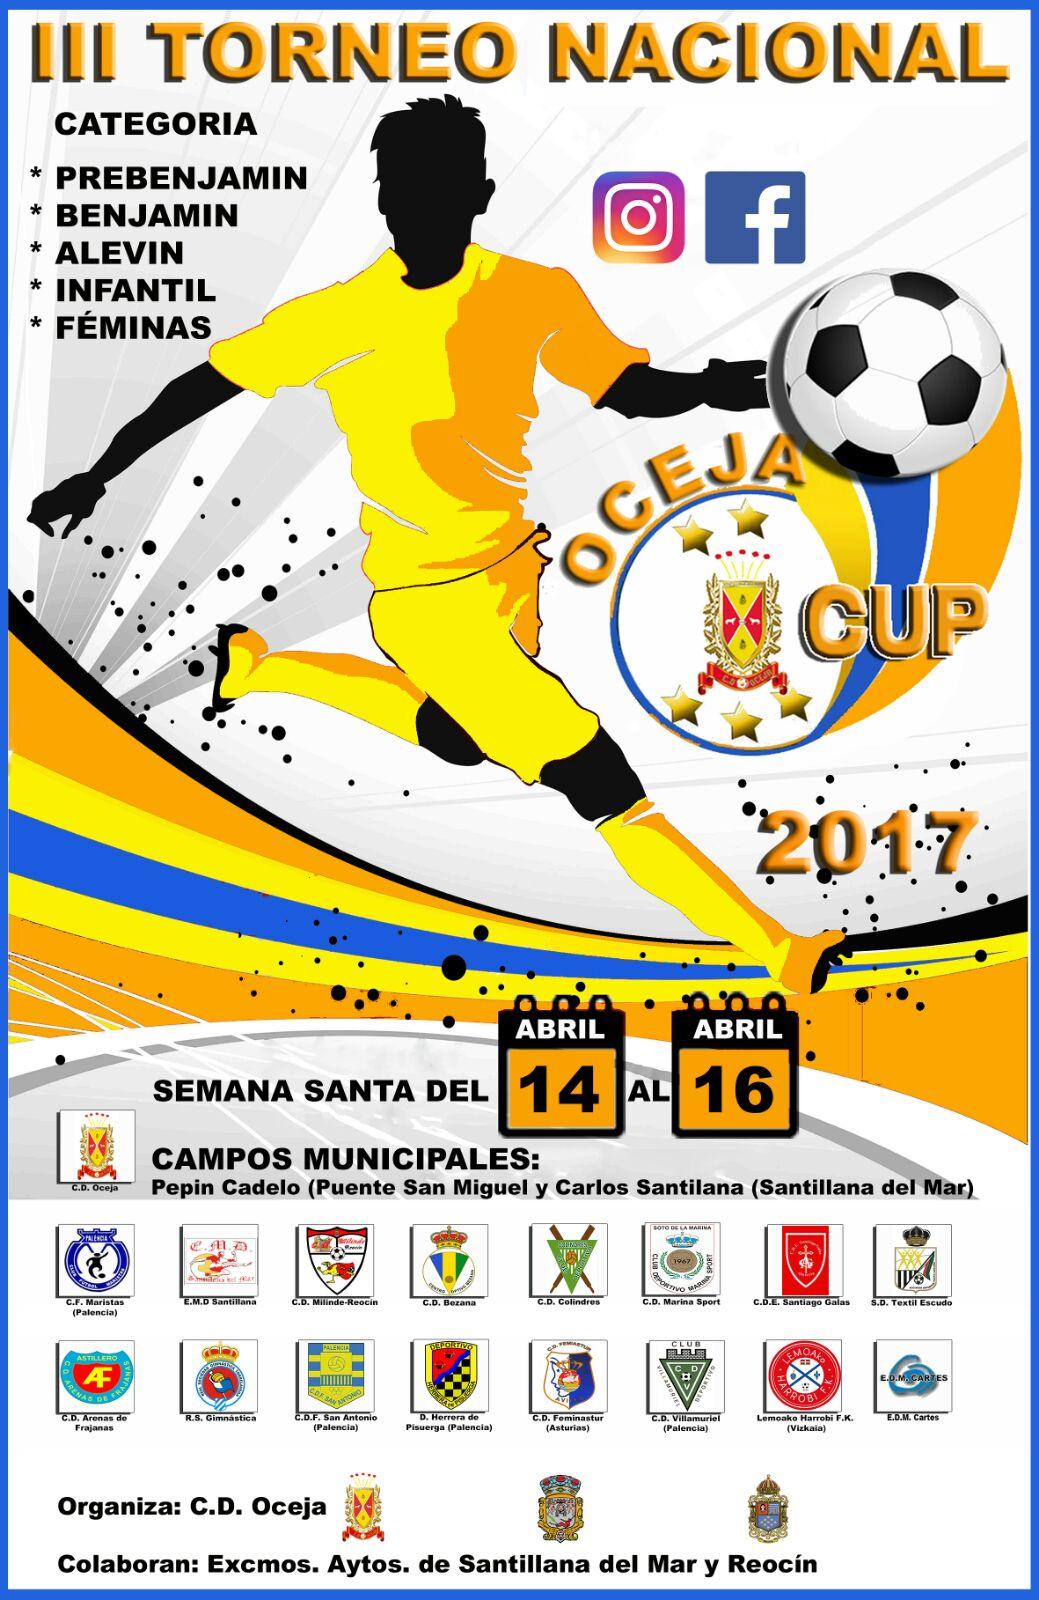 OCEJA CUP 2017